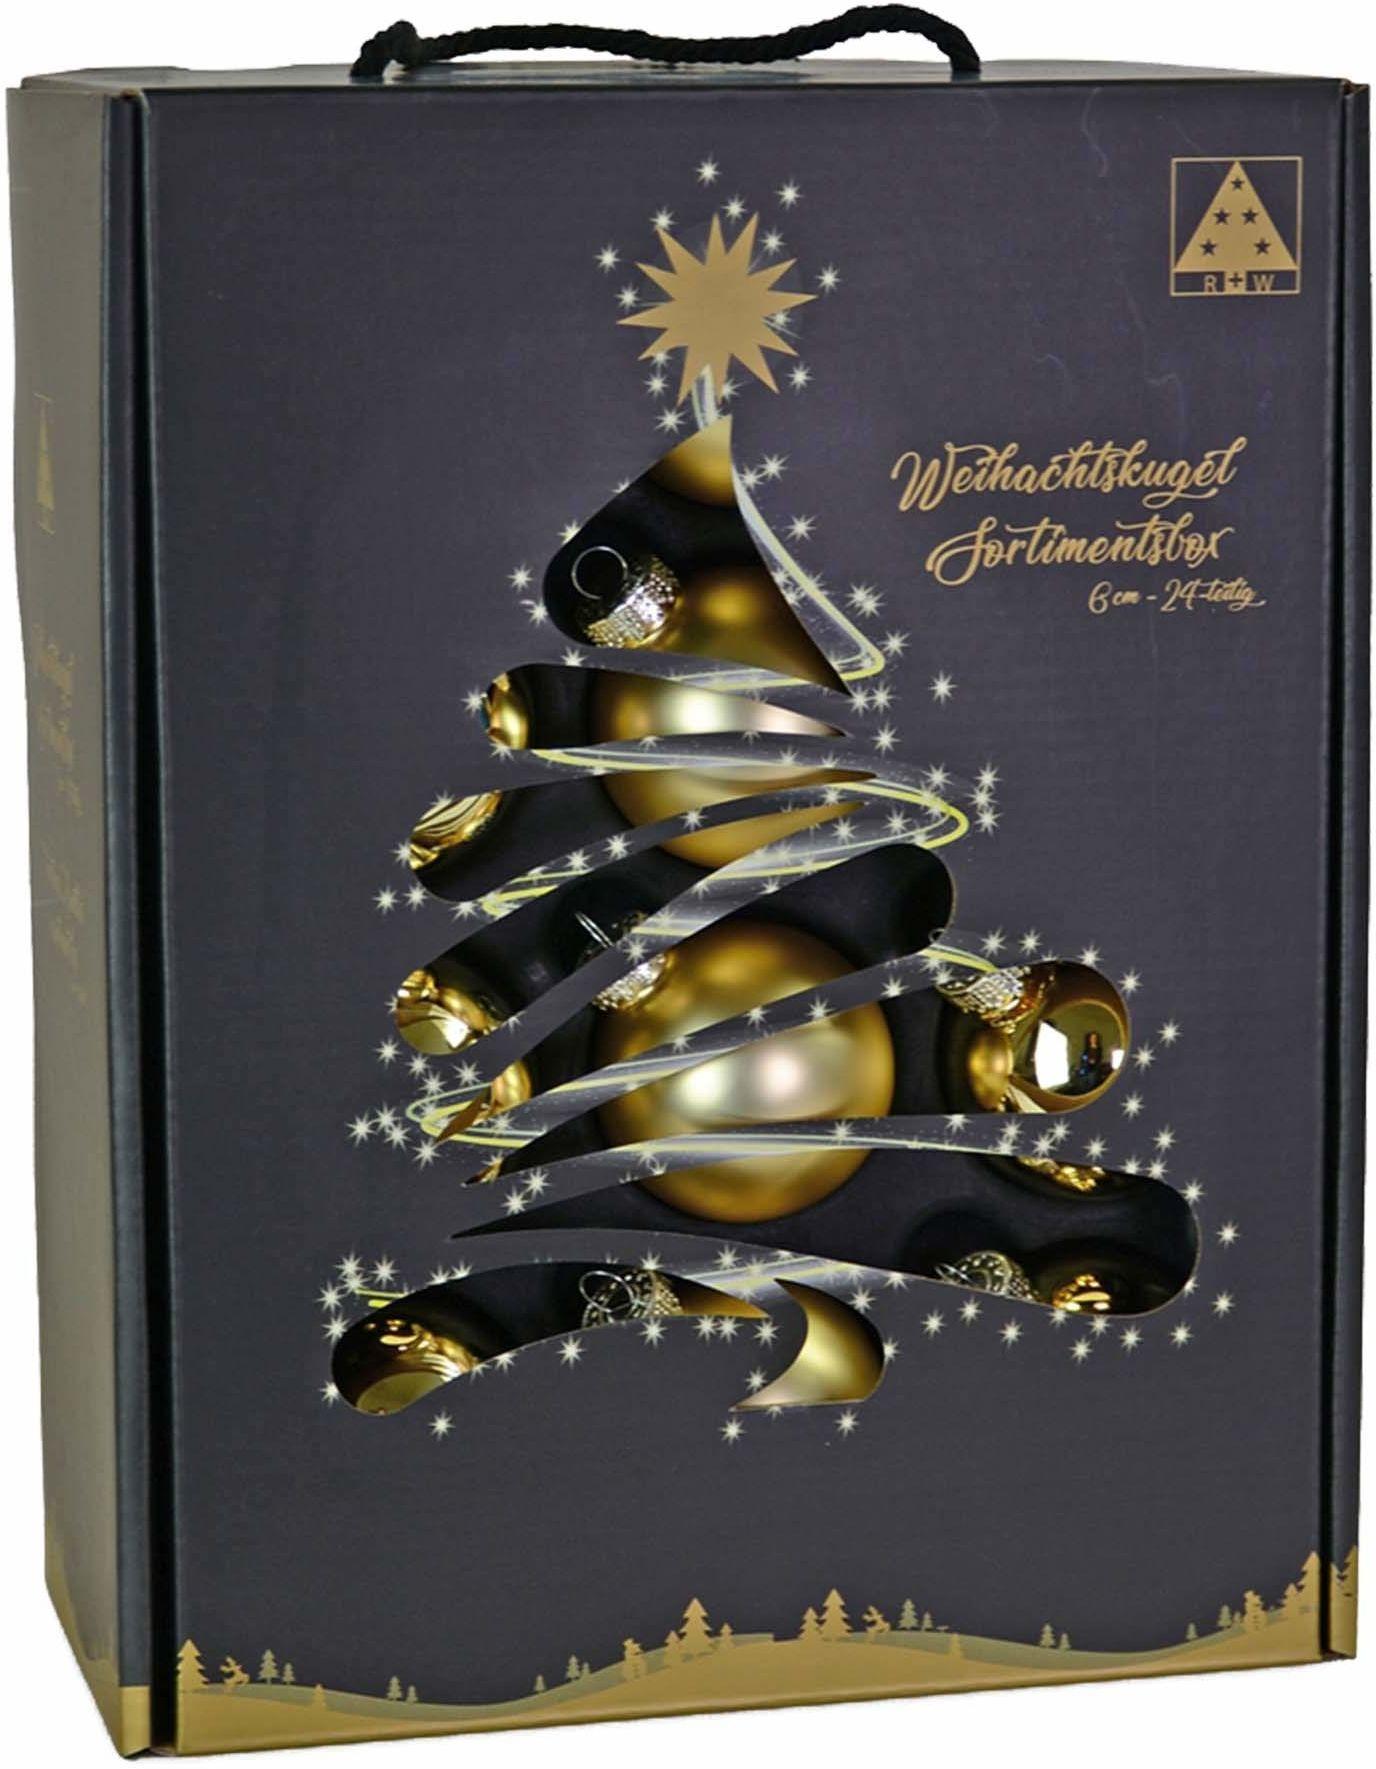 Riffelmacher & Weinberger 26250 zestaw bombek bożonarodzeniowych, 24 sztuki, złoty, 12 x matowych, 12 x błyszczących, średnica 6 cm, opakowanie bez PCV, bombki na choinkę, Boże Narodzenie